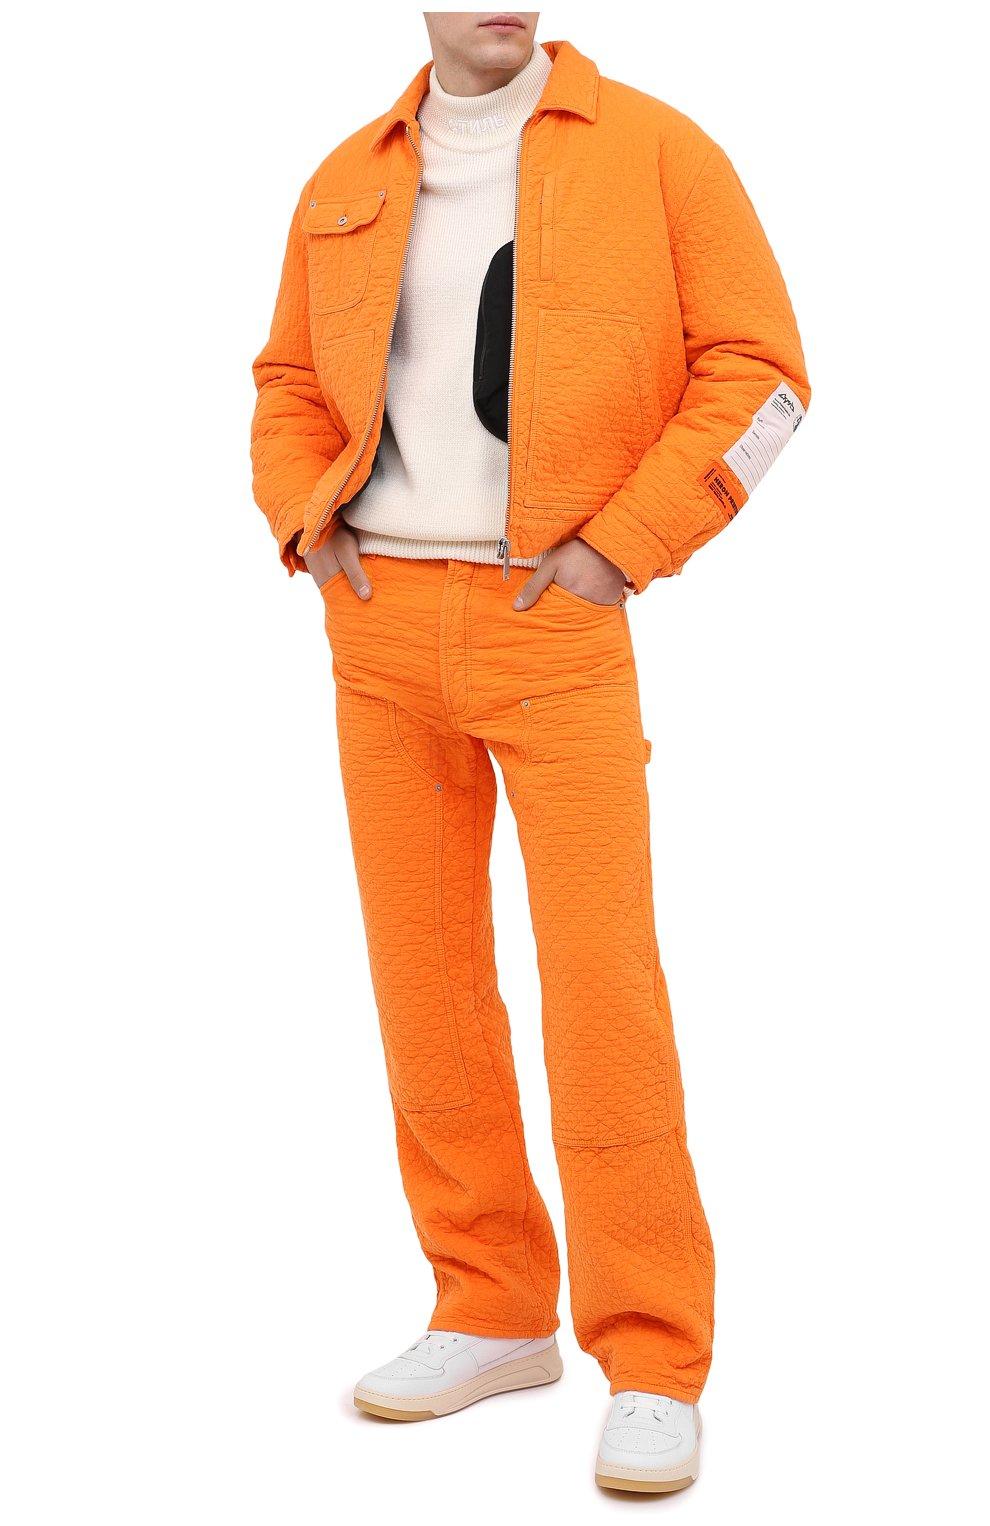 Мужская хлопковая куртка HERON PRESTON оранжевого цвета, арт. HMEA052F20FAB0012200 | Фото 2 (Кросс-КТ: Куртка, Ветровка; Рукава: Длинные; Материал внешний: Хлопок; Мужское Кросс-КТ: Куртка-верхняя одежда, Верхняя одежда; Материал подклада: Синтетический материал; Длина (верхняя одежда): Короткие)